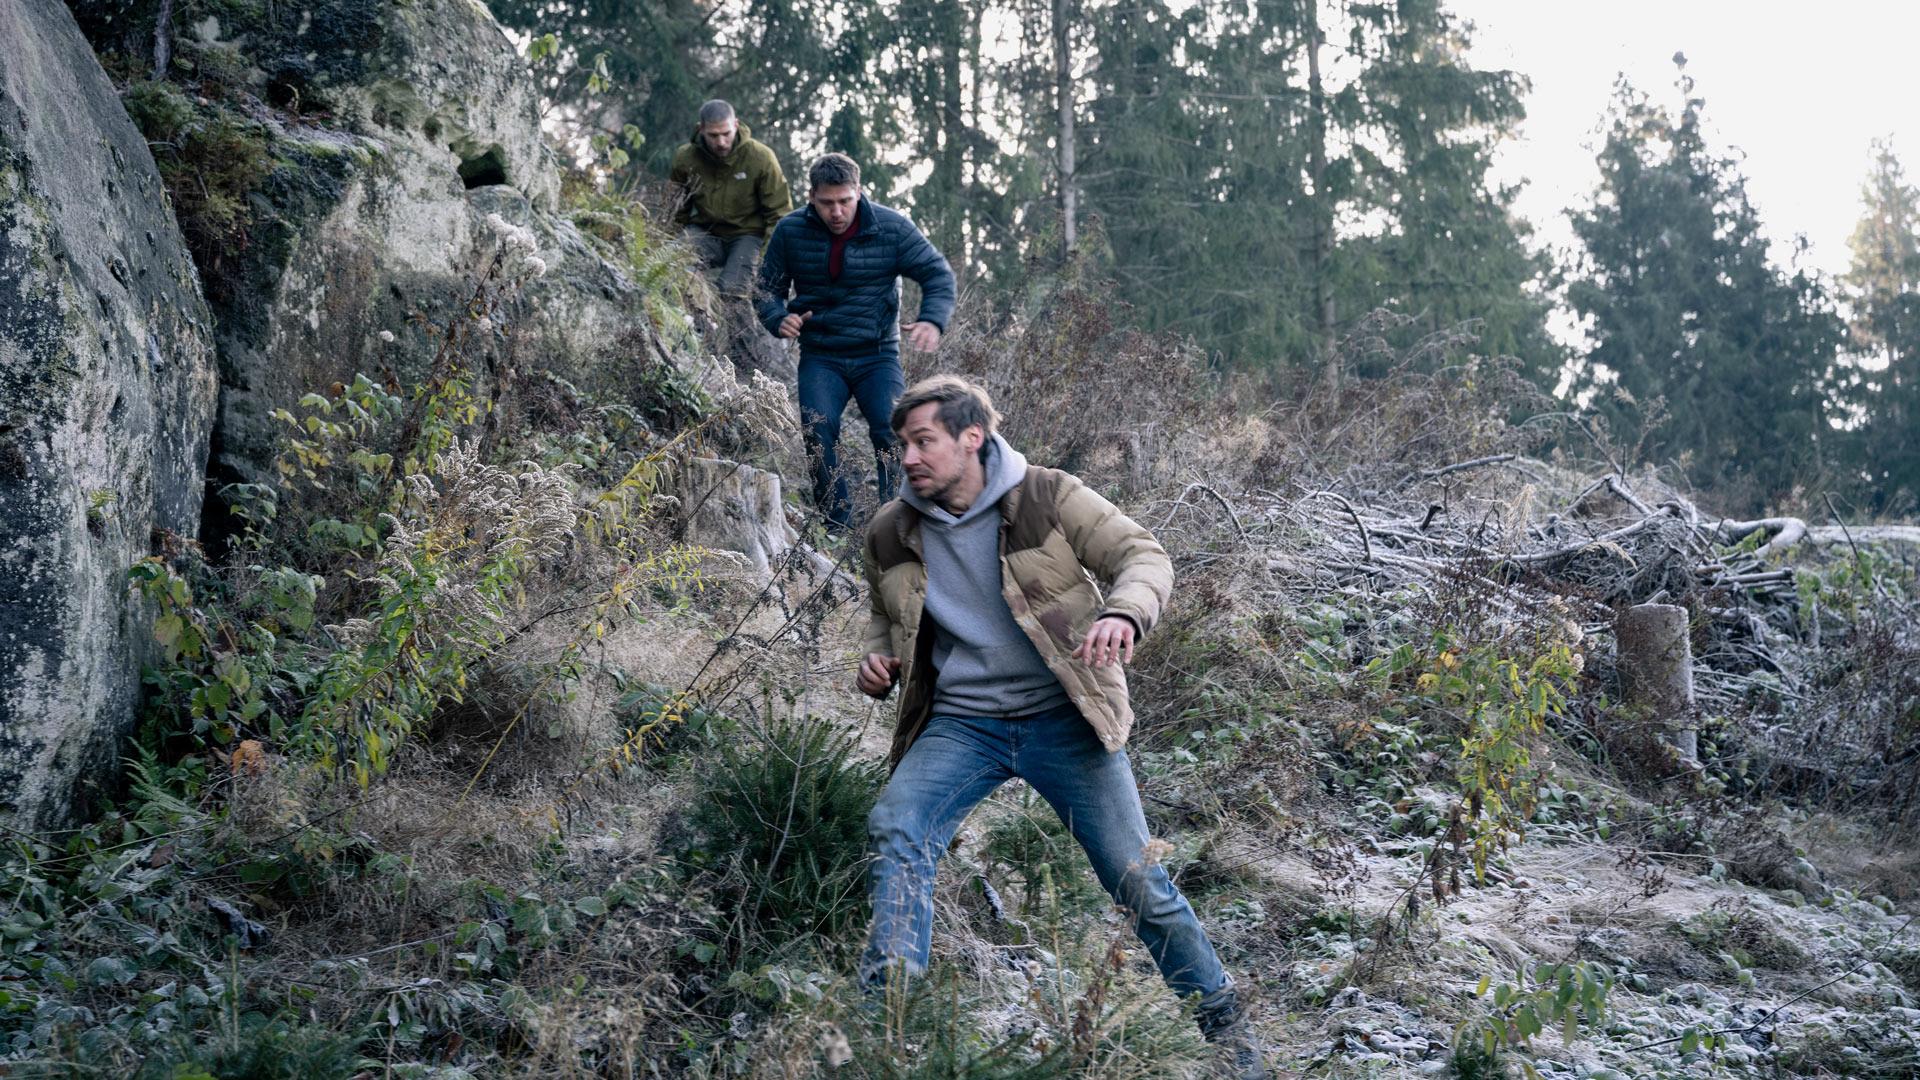 """Roman (David Kross), Albert (Hanno Koffler ) und Peter (Robert Finster) fliehen im Wald vor einem unbekannten Scharfschützen im Netflix-Thriller """"Prey""""."""